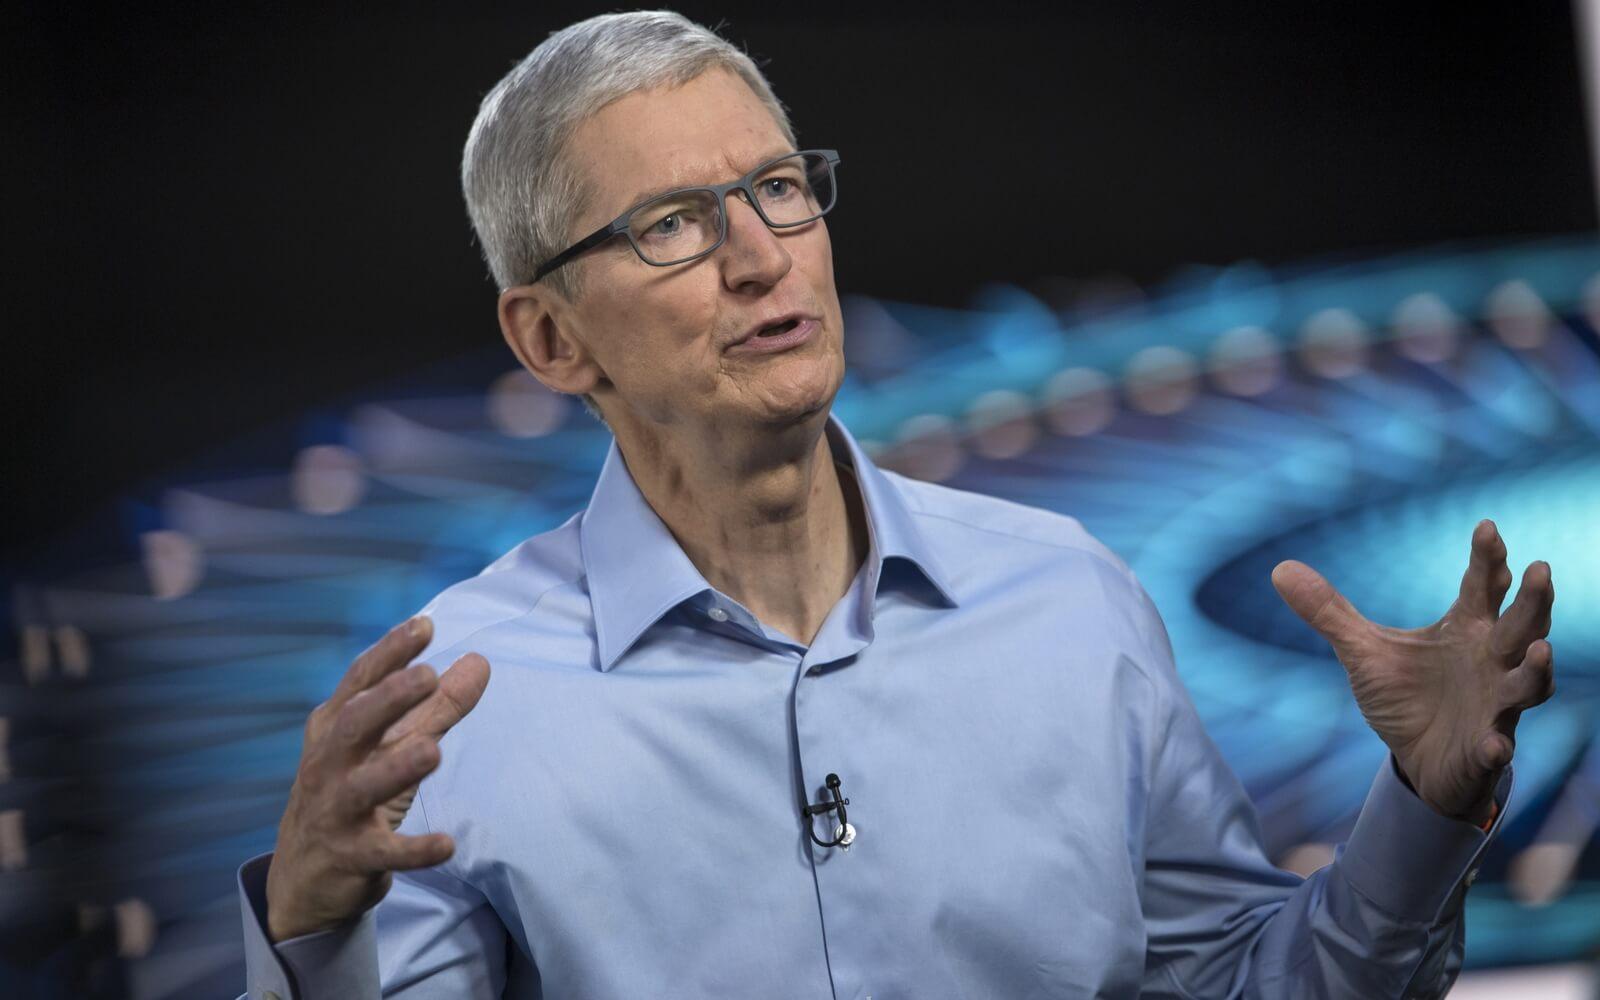 Тим Кук рассказал о продуктах, которые Apple выпустит через несколько лет